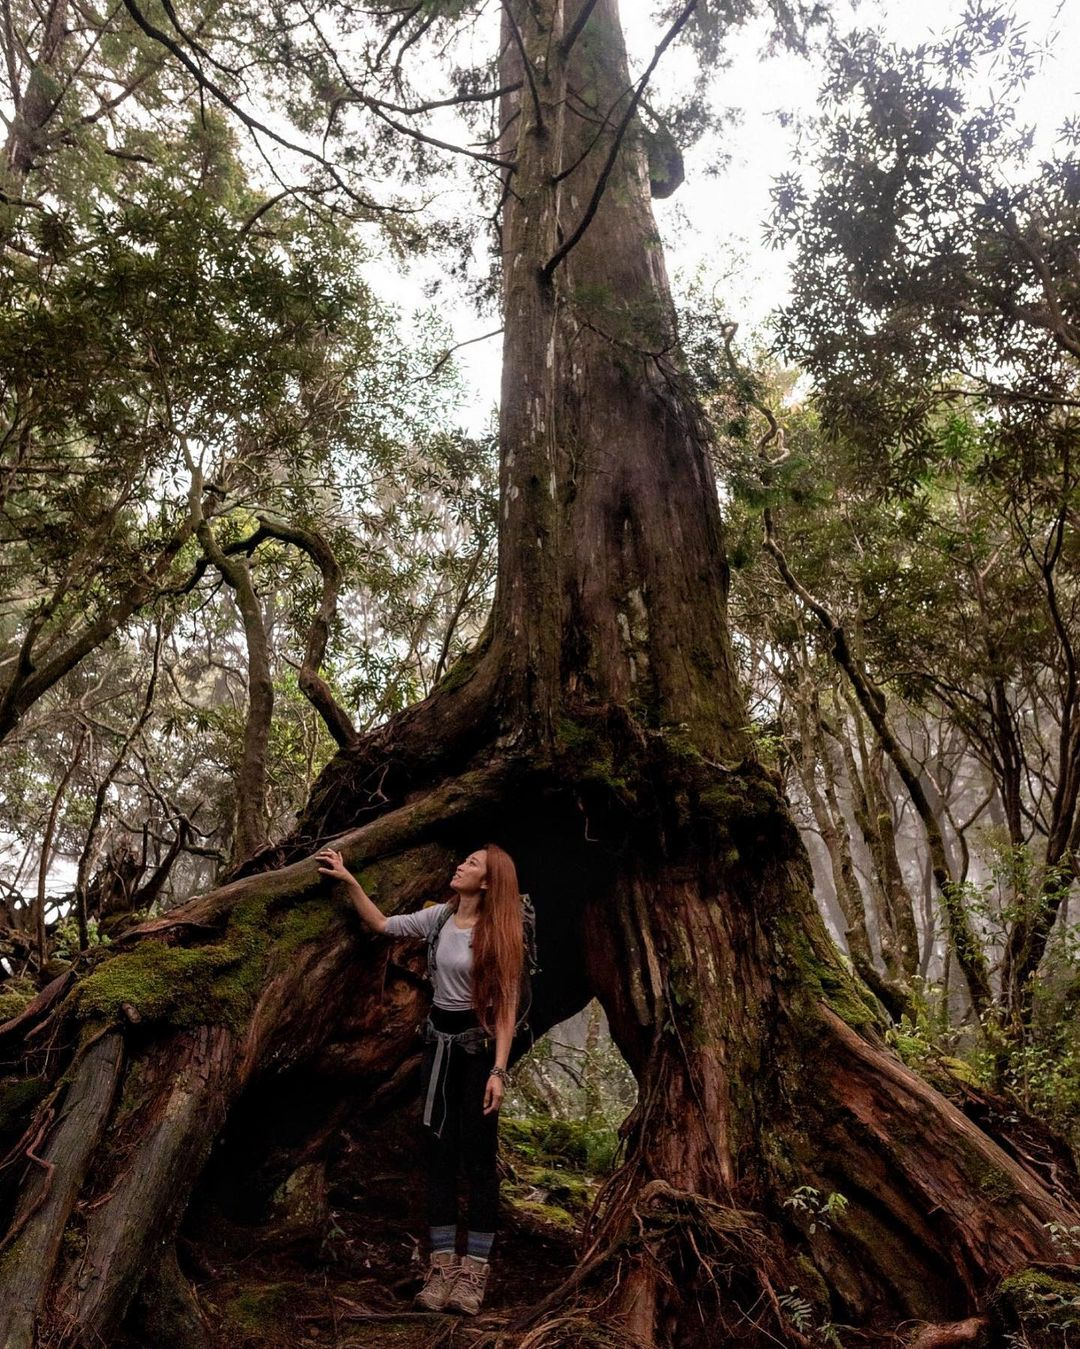 塔曼山魔幻森林步道-台版阿凡達秘境。 (圖/joanne.lii, Instagram)